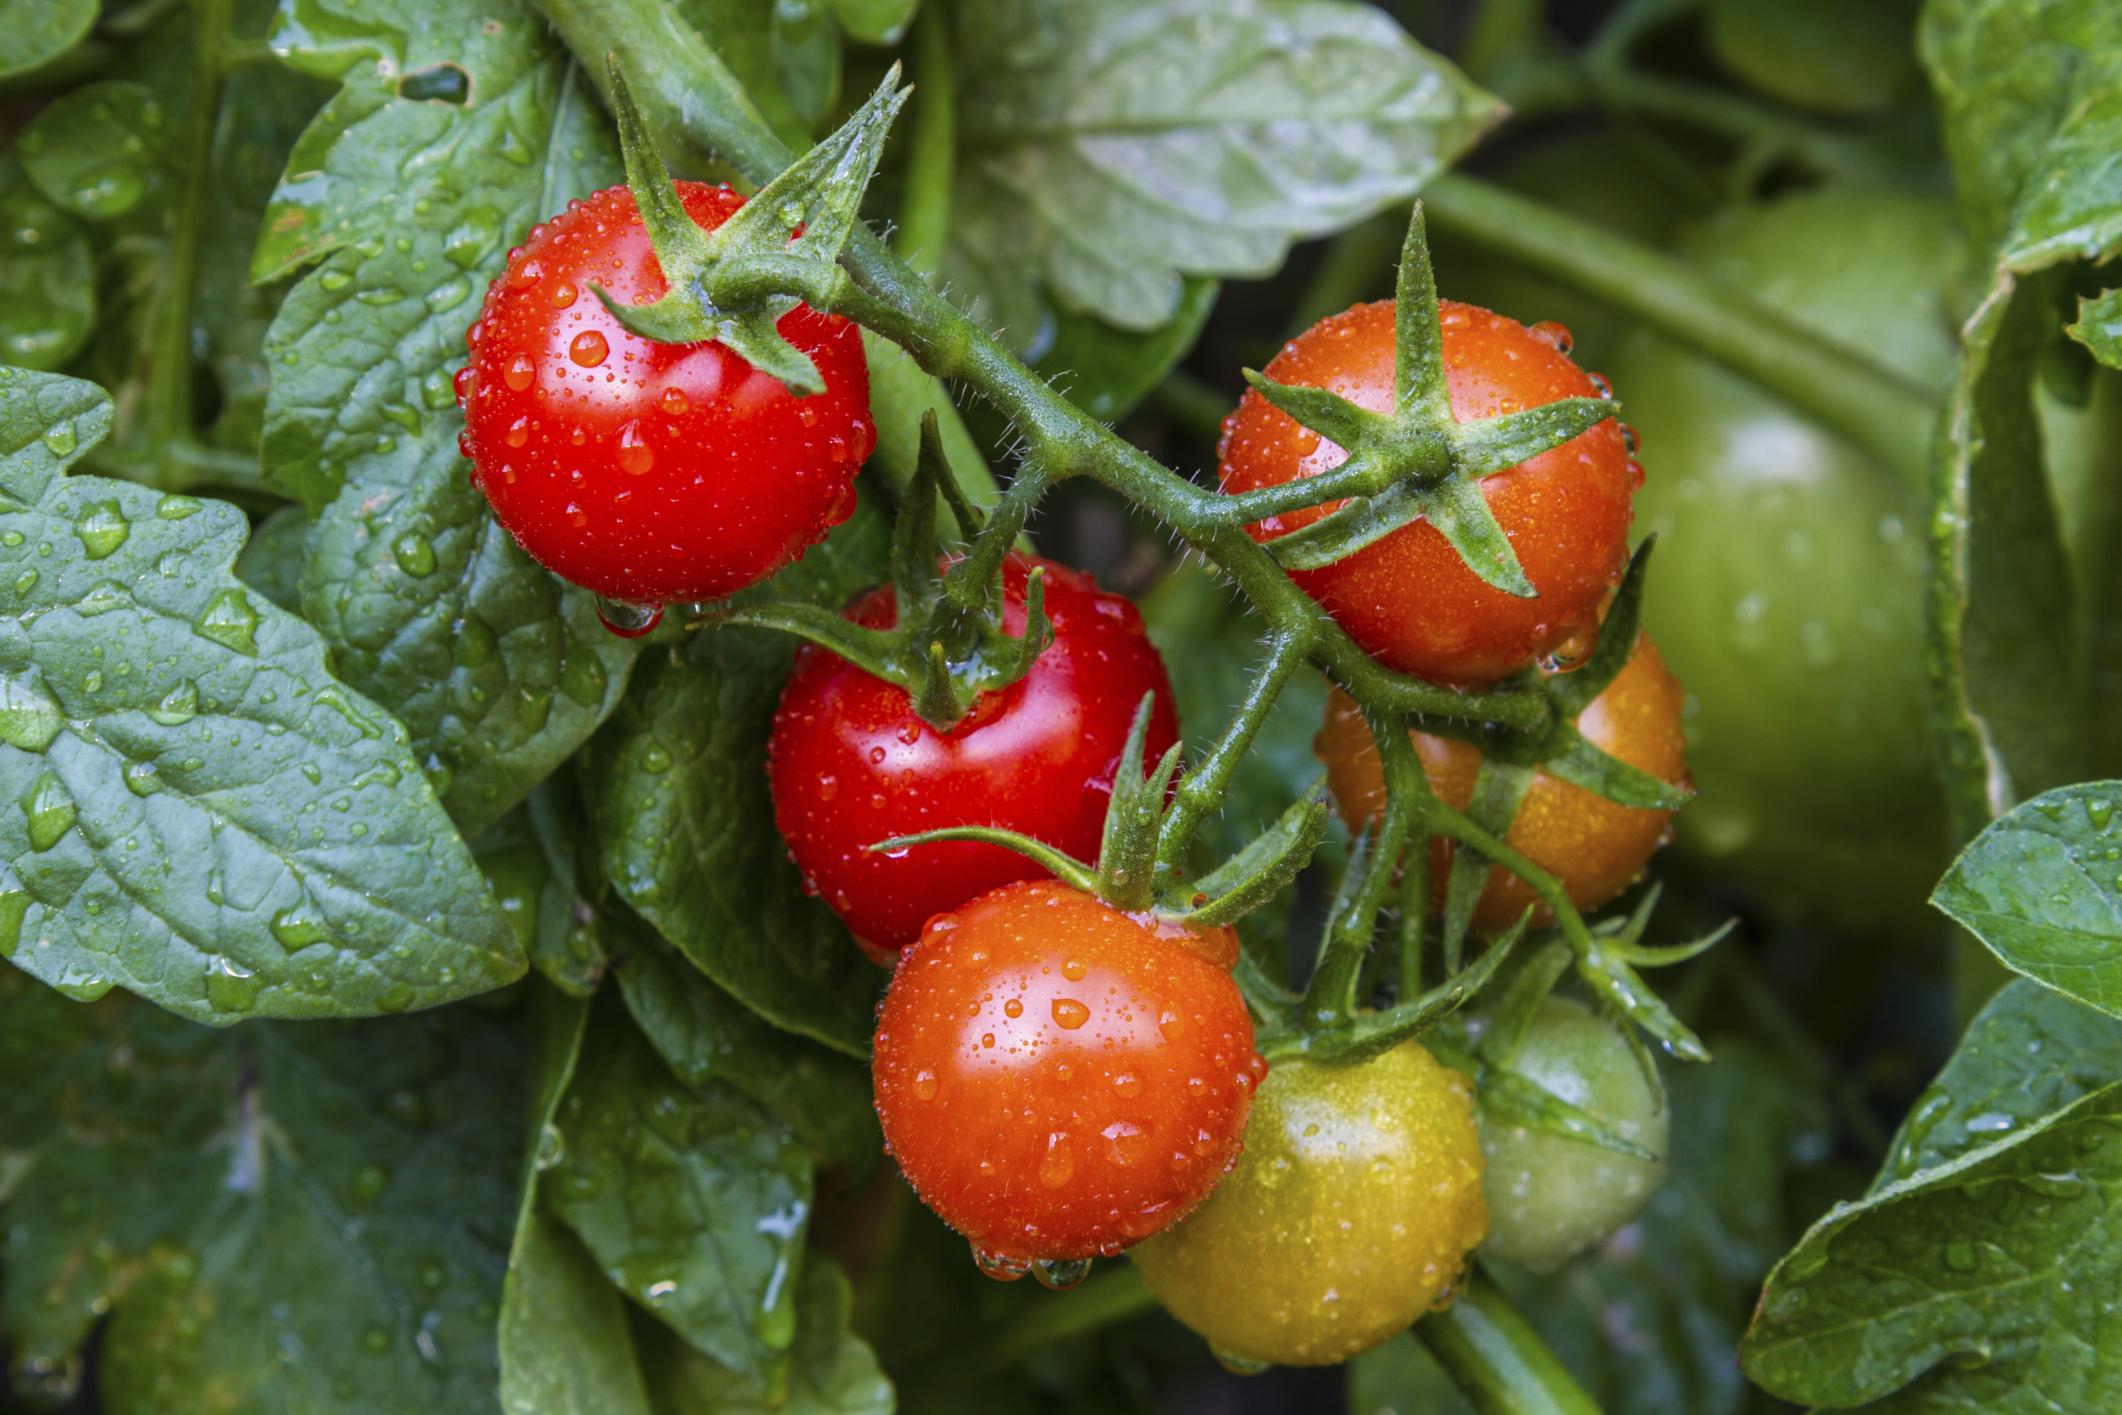 celle elettrochimiche alimentate da pomodori scartati per generare elettricità